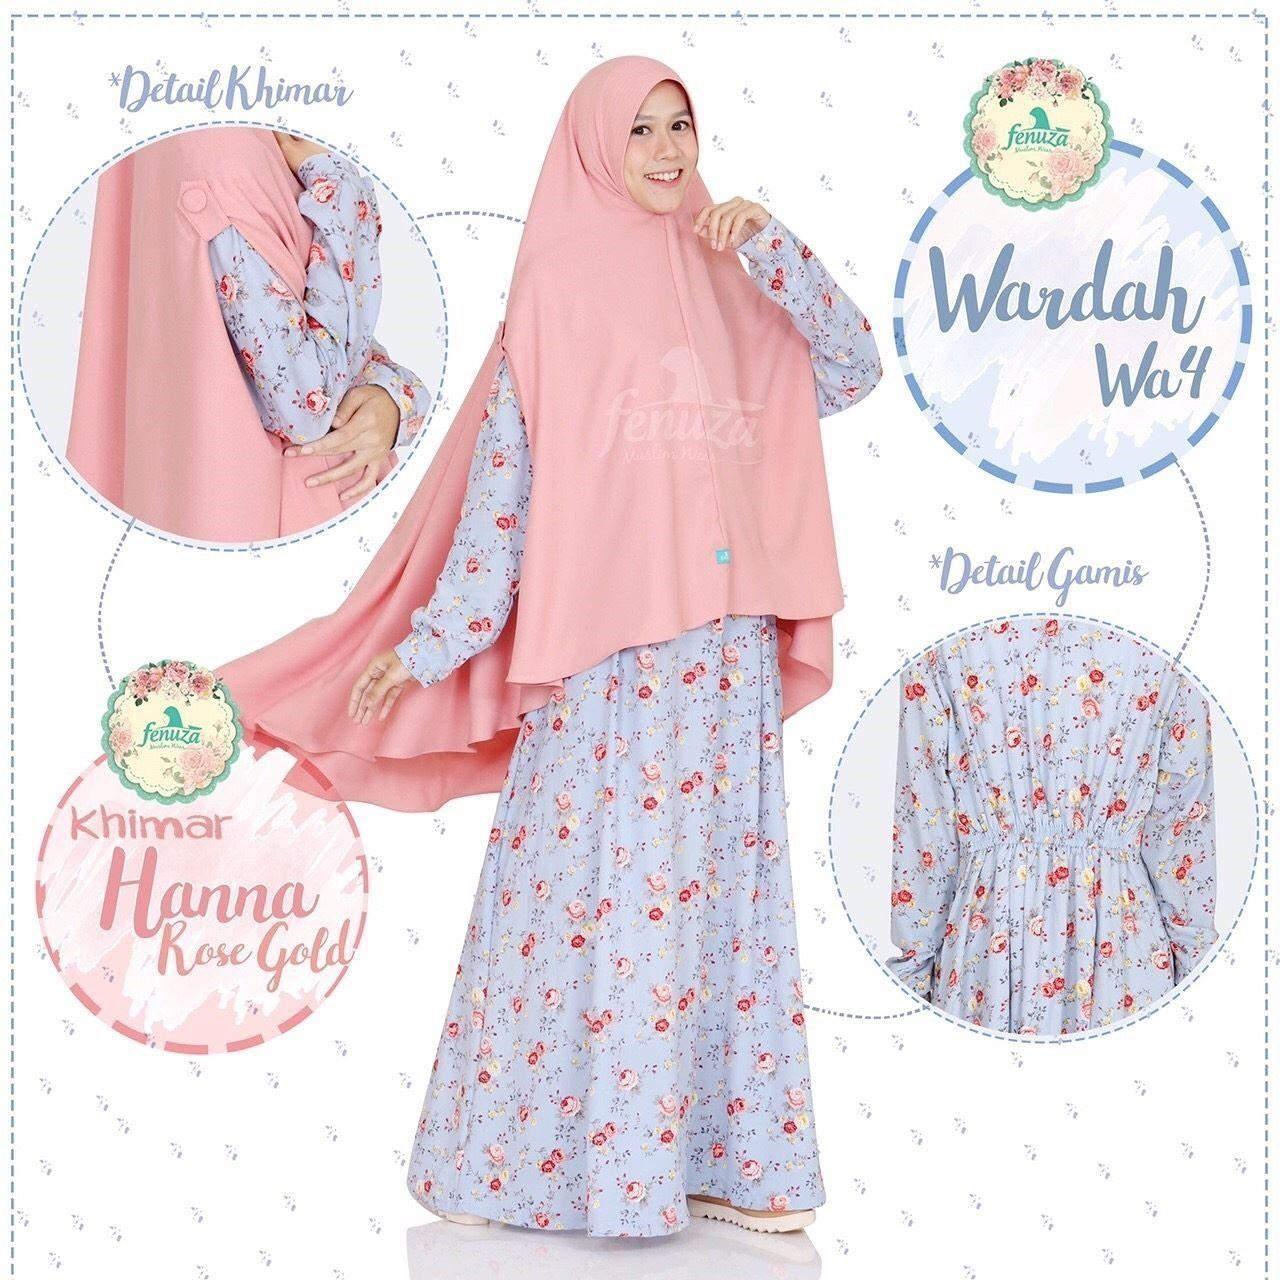 Gamis Fenuza Muslim Wear Wardah Series Wa 4 Baju Gamis Wanita Busana Muslim Untukmu Yg Cantik Syari Dan Trendy Bahan Gamis I Wanita Muslim Baju Muslim